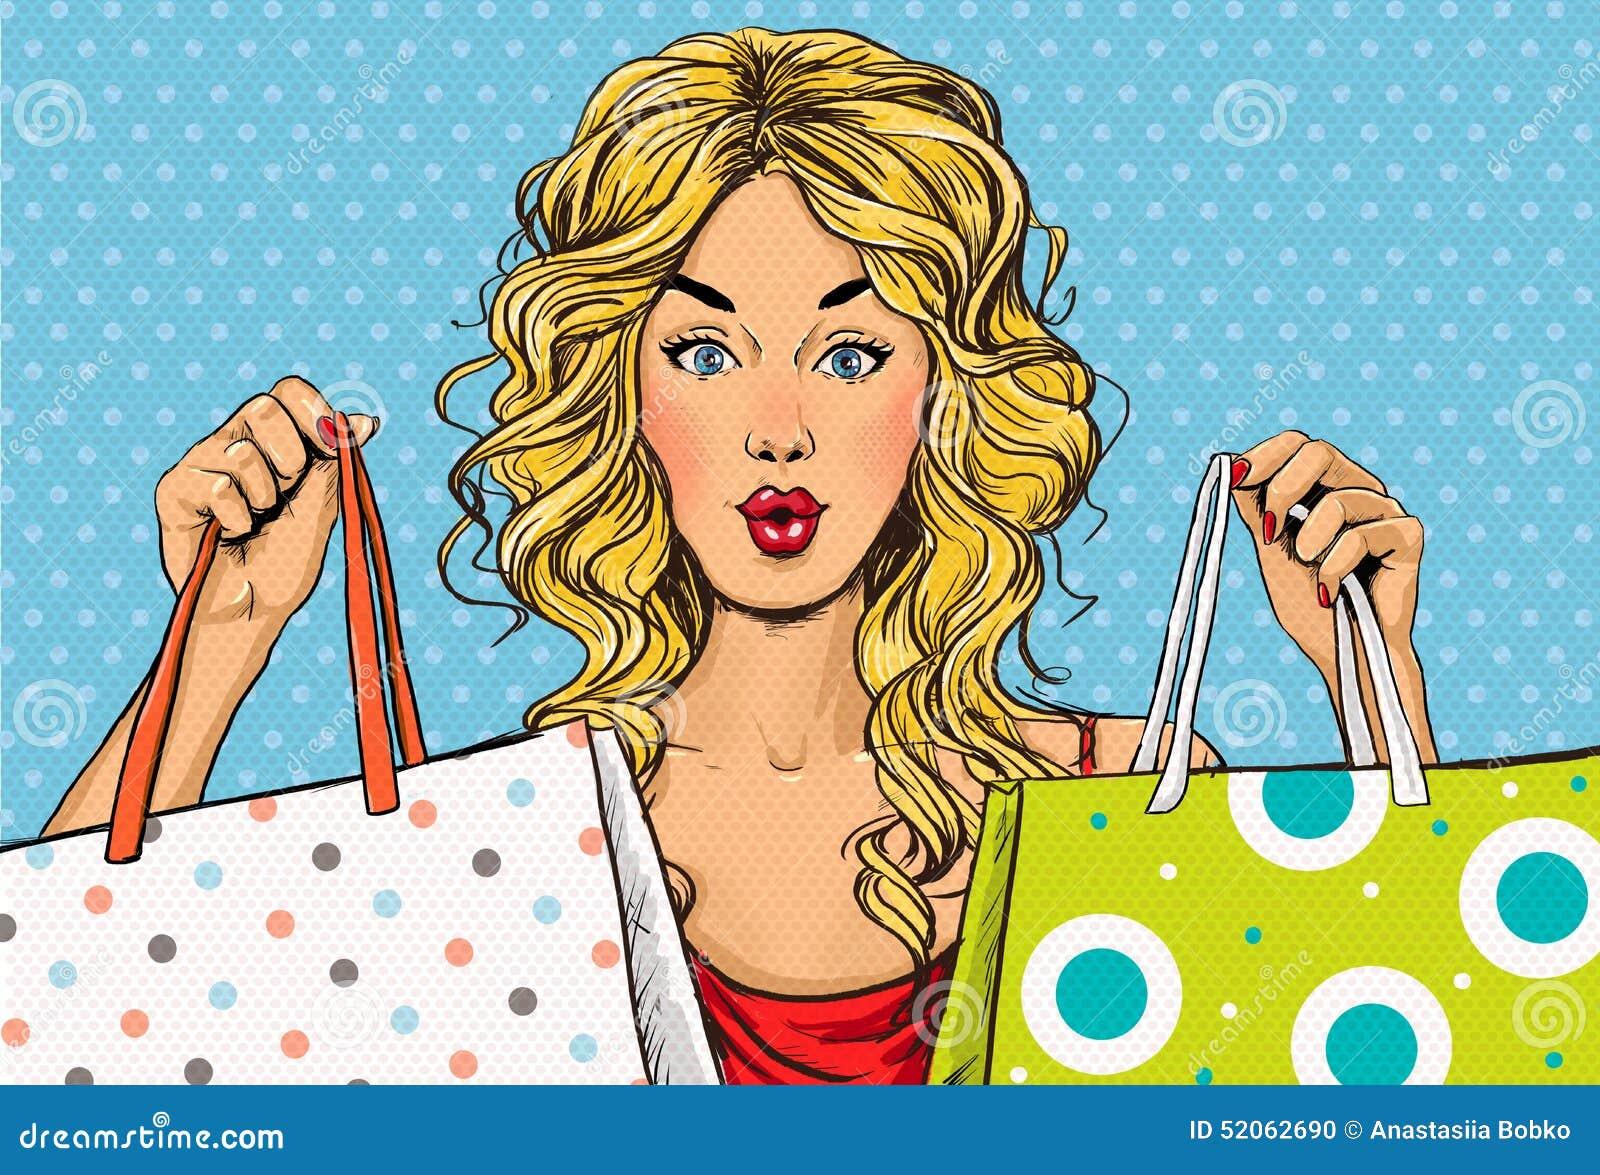 有购物袋的流行艺术白肤金发的妇女在手上 背景看板卡问候页购物模板时间普遍性万维网